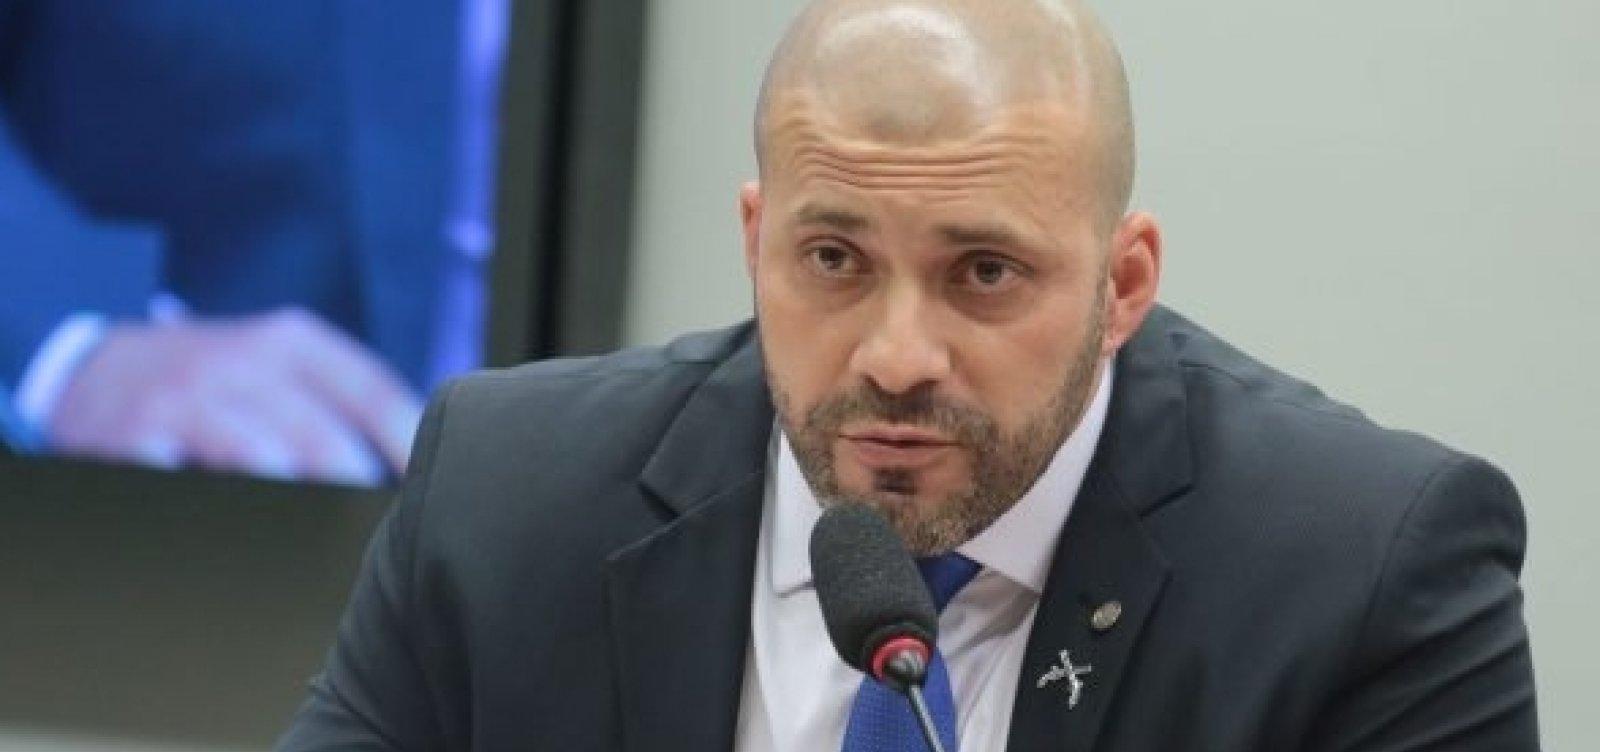 [Deputado bolsonarista é preso pela PF após postar vídeo com discurso de ódio contra ministros do STF]